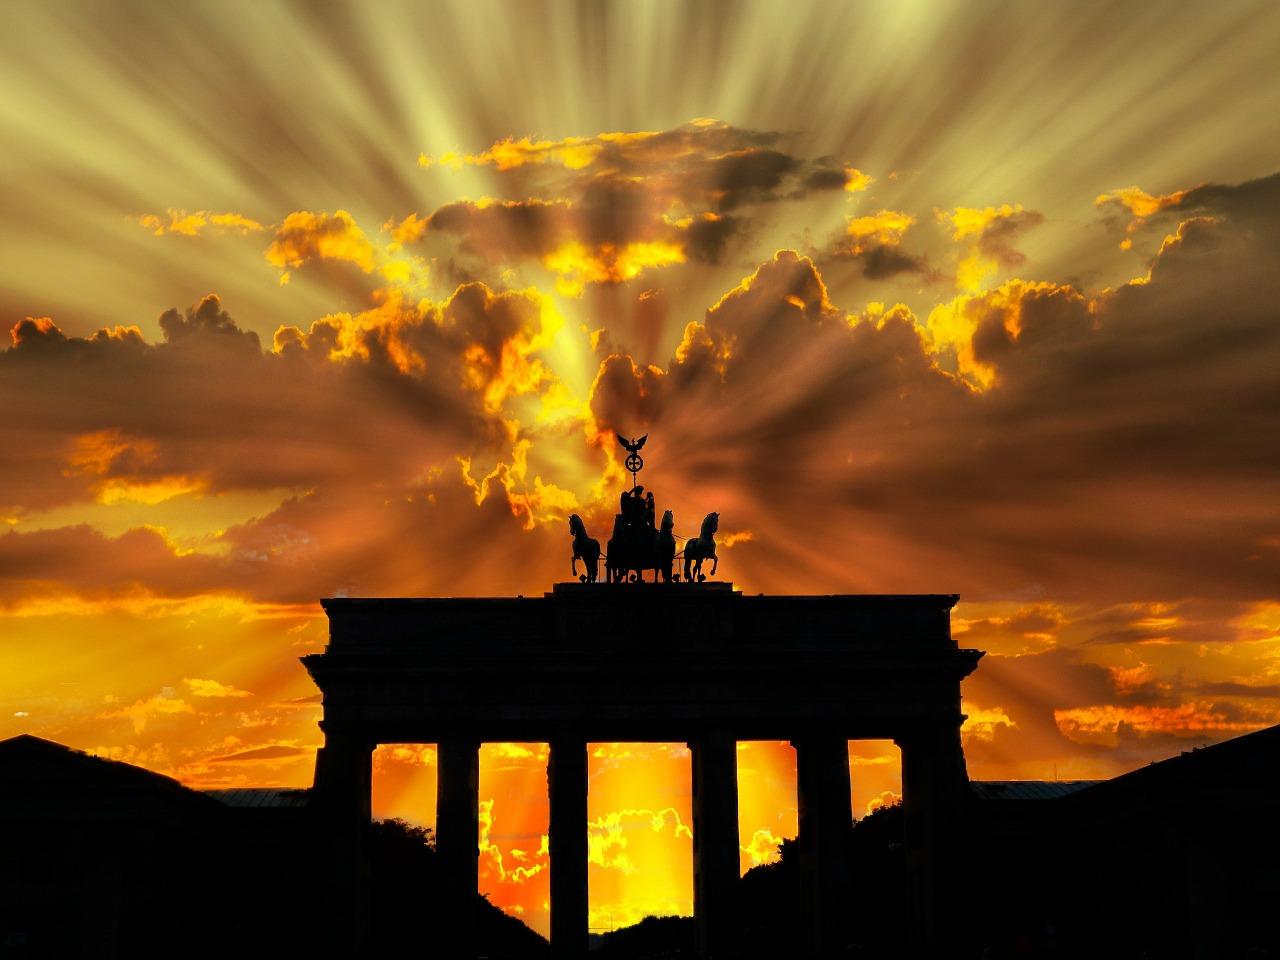 Berliner Eingewöhnungsmodell / Eingewöhnung